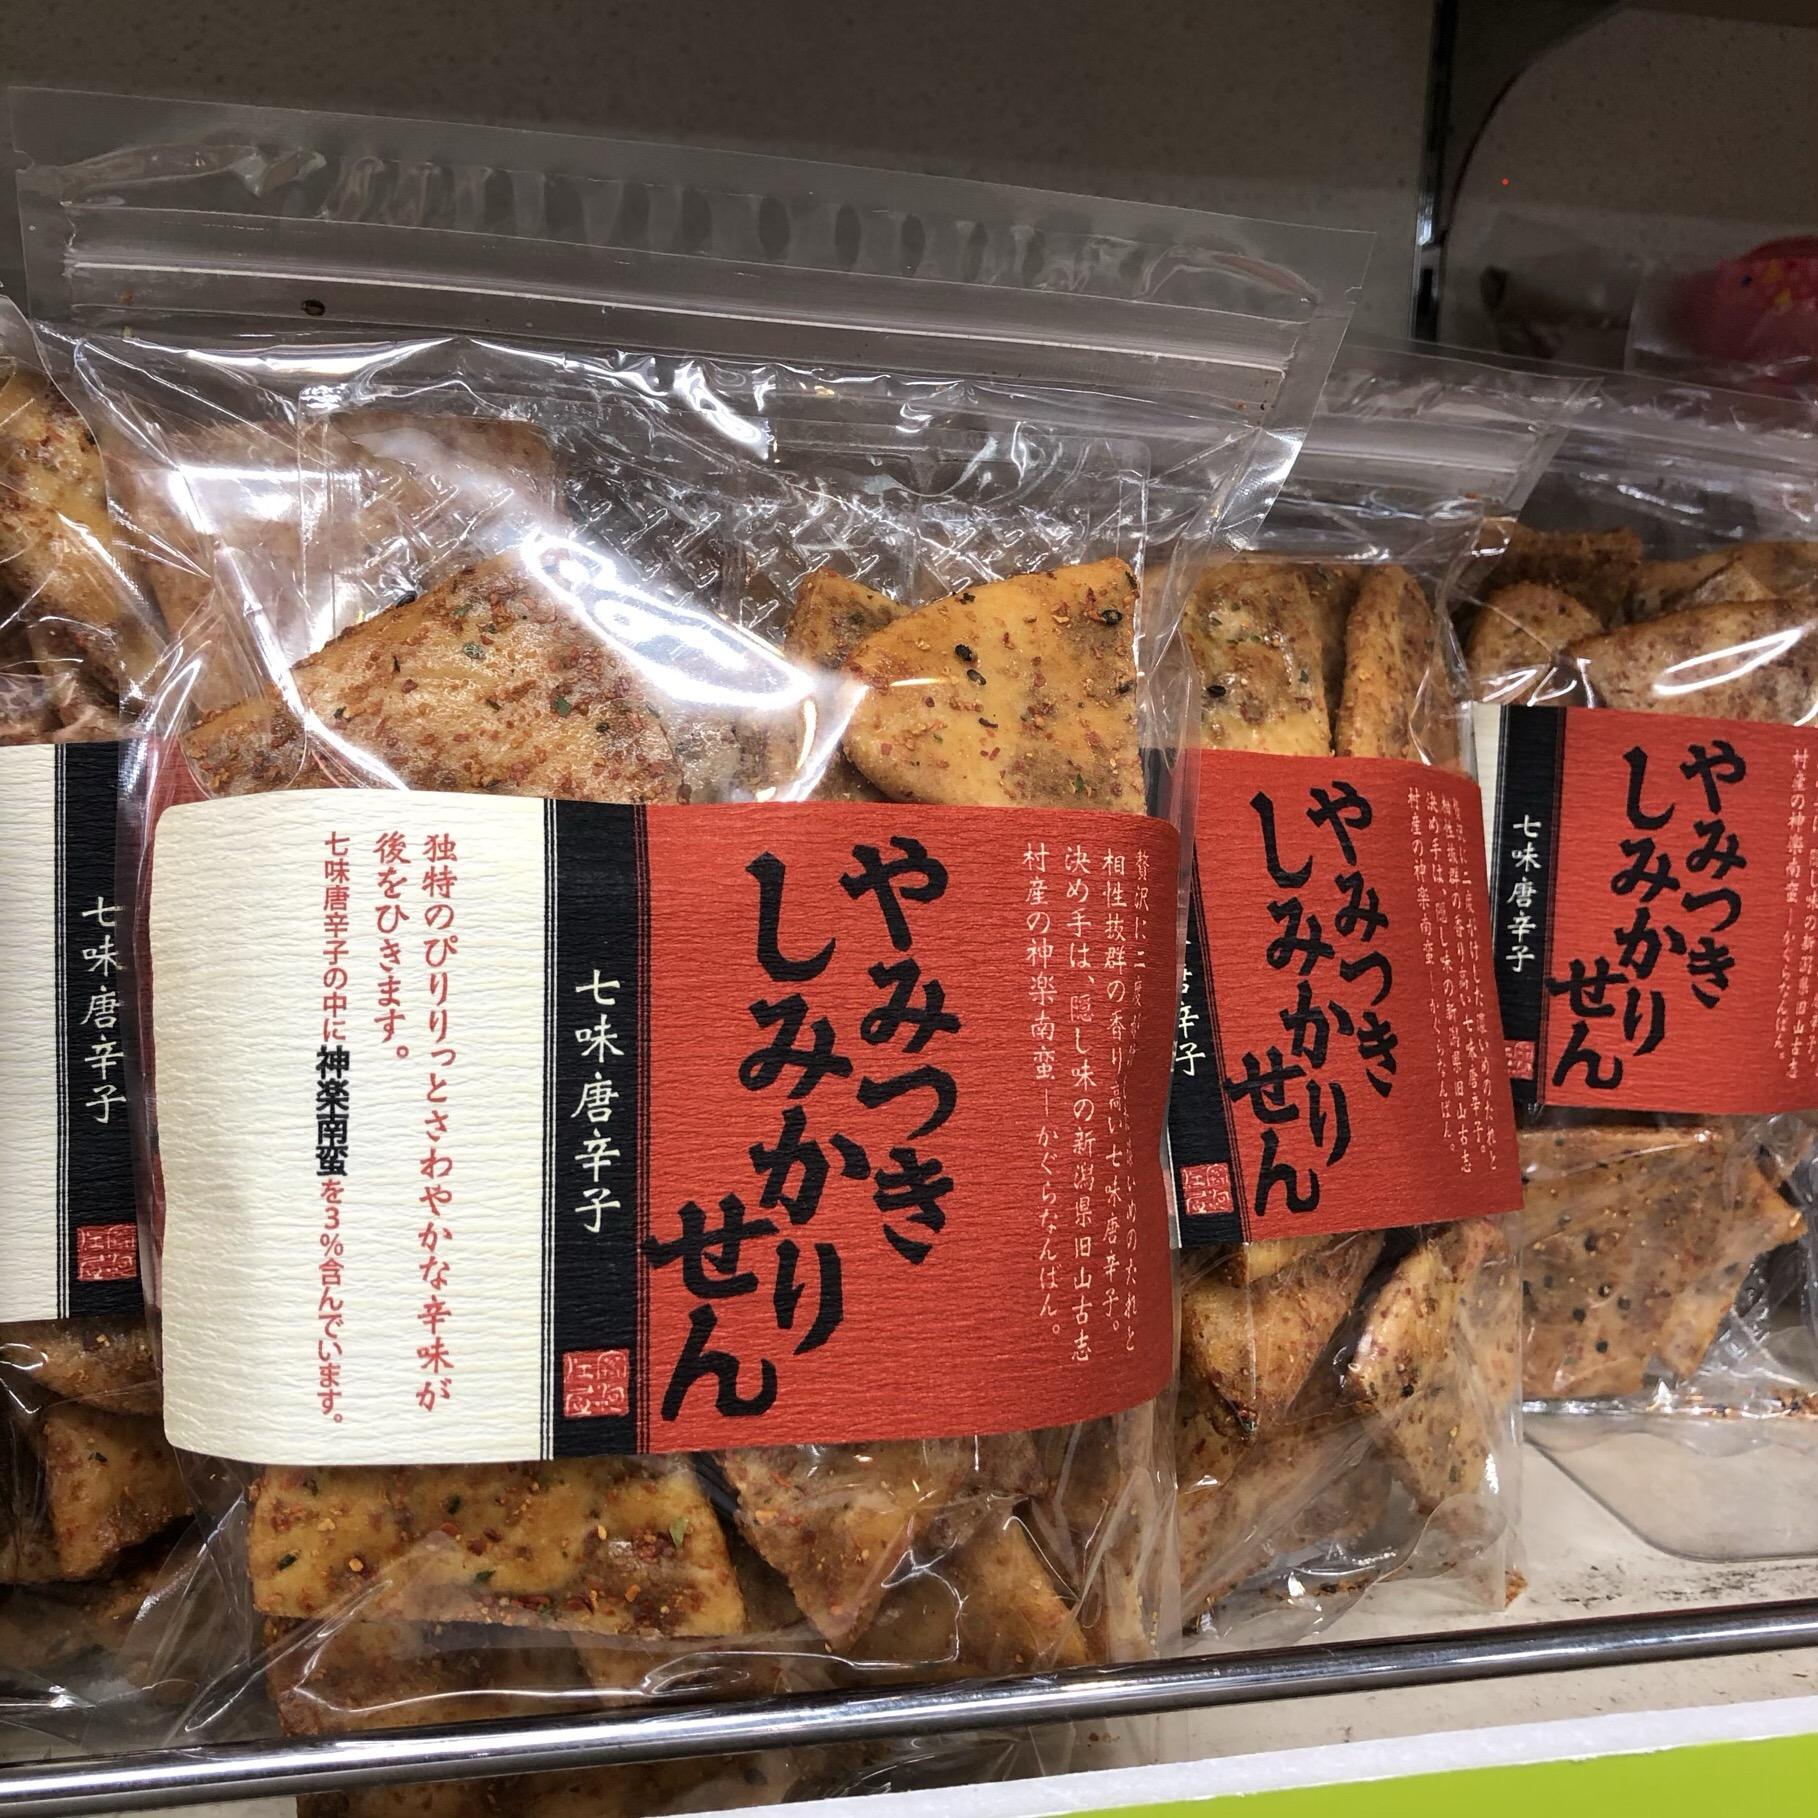 煎餅工房さがえ屋 やみつきしみかりせん の 七味唐辛子 !:画像